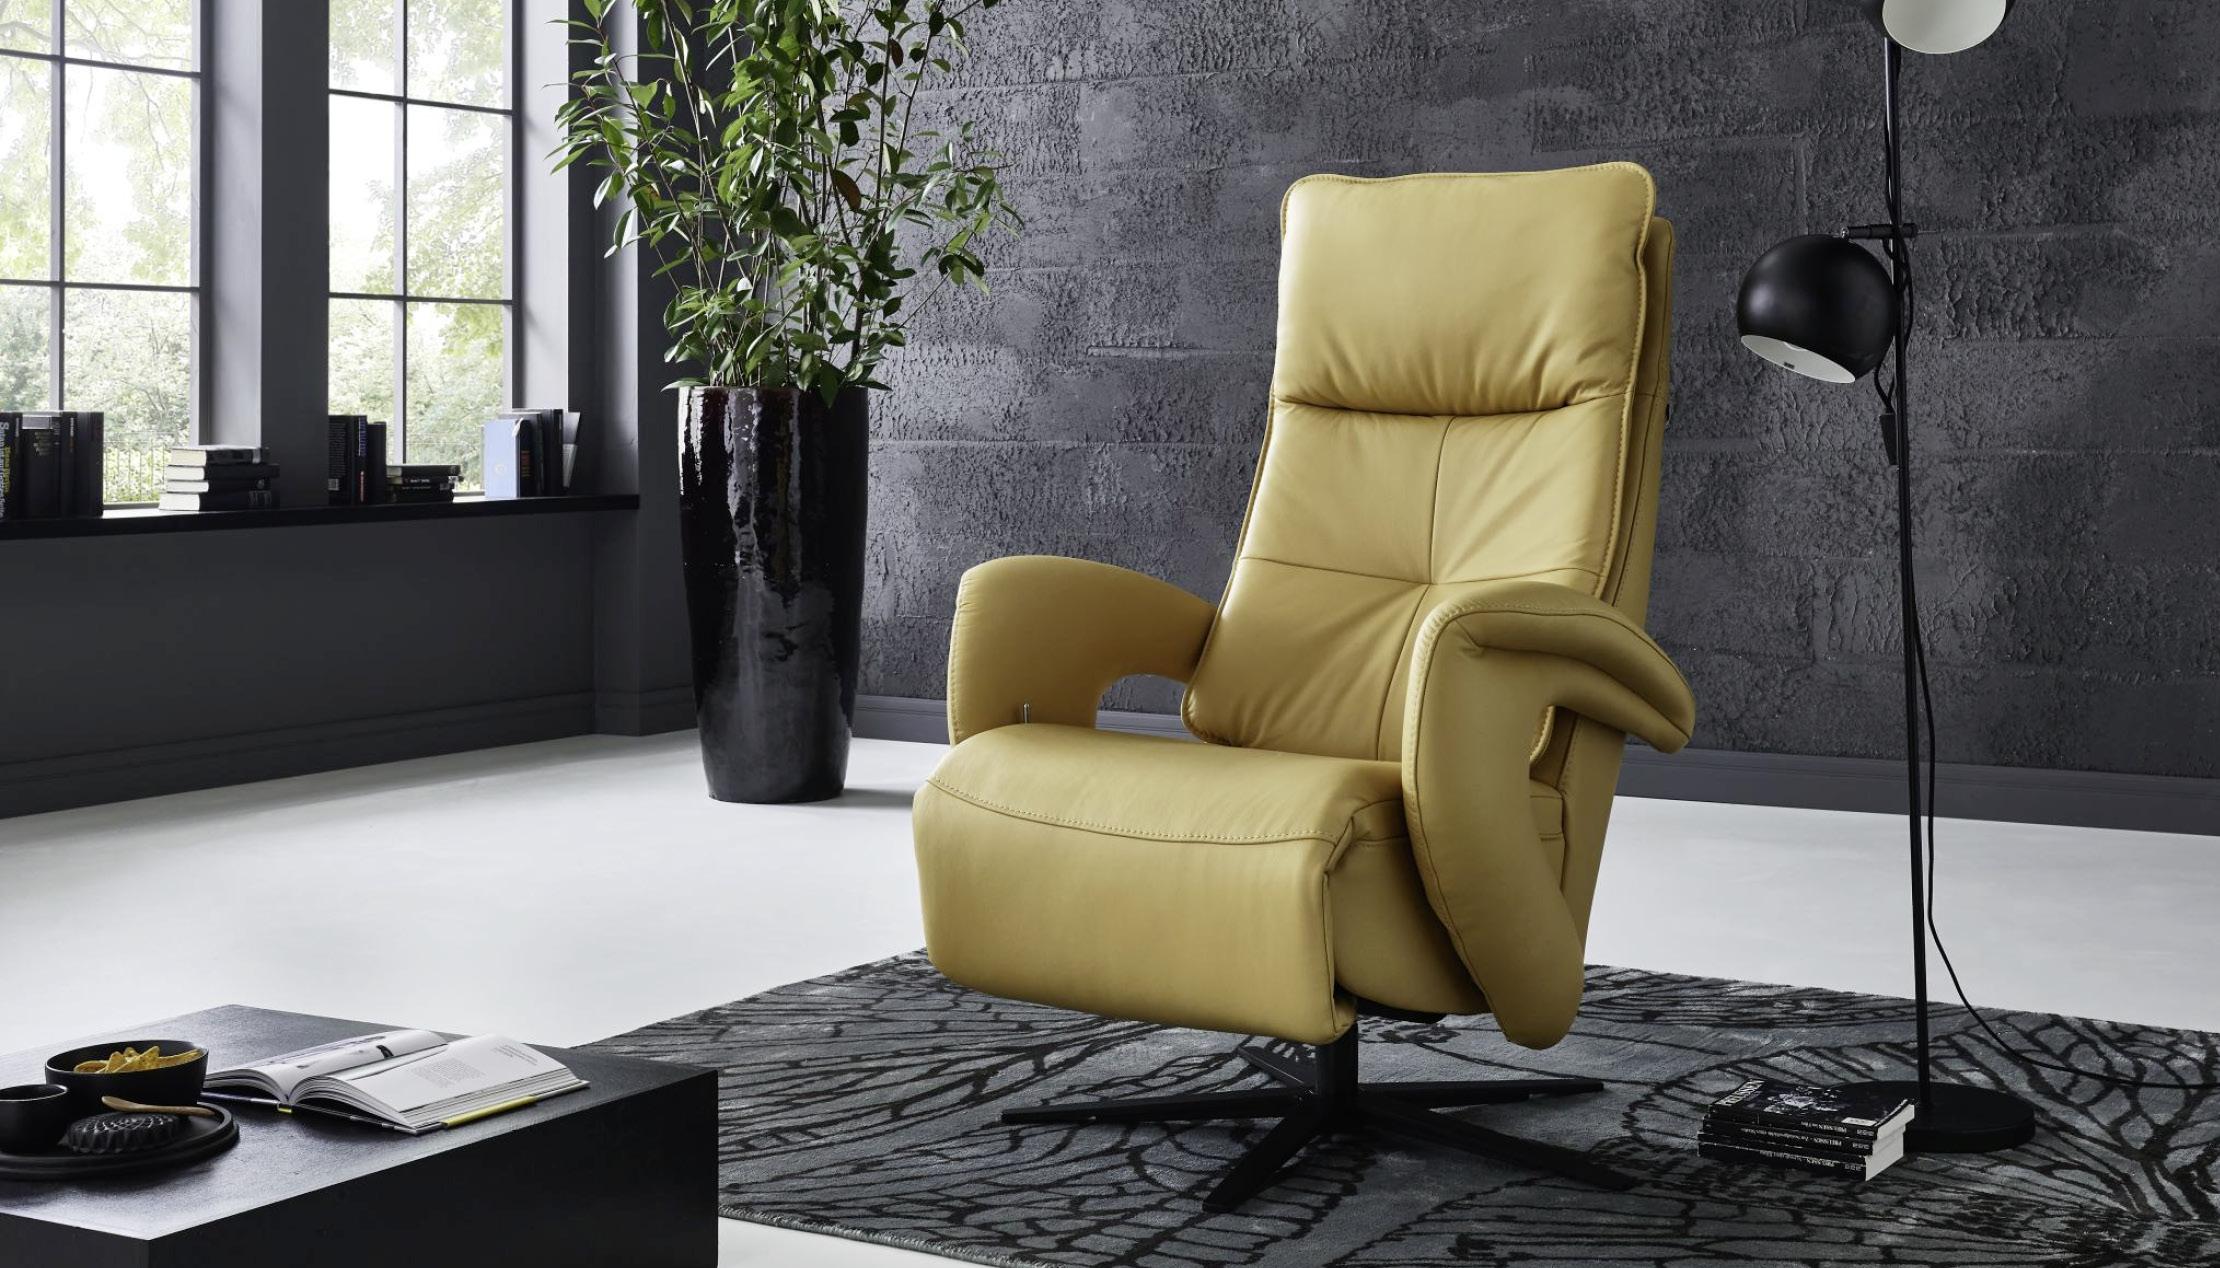 Exquisit Sessel Mit Fußstütze Sammlung Von Des Weiteren Können Sie Aus Zwei Ausführungen